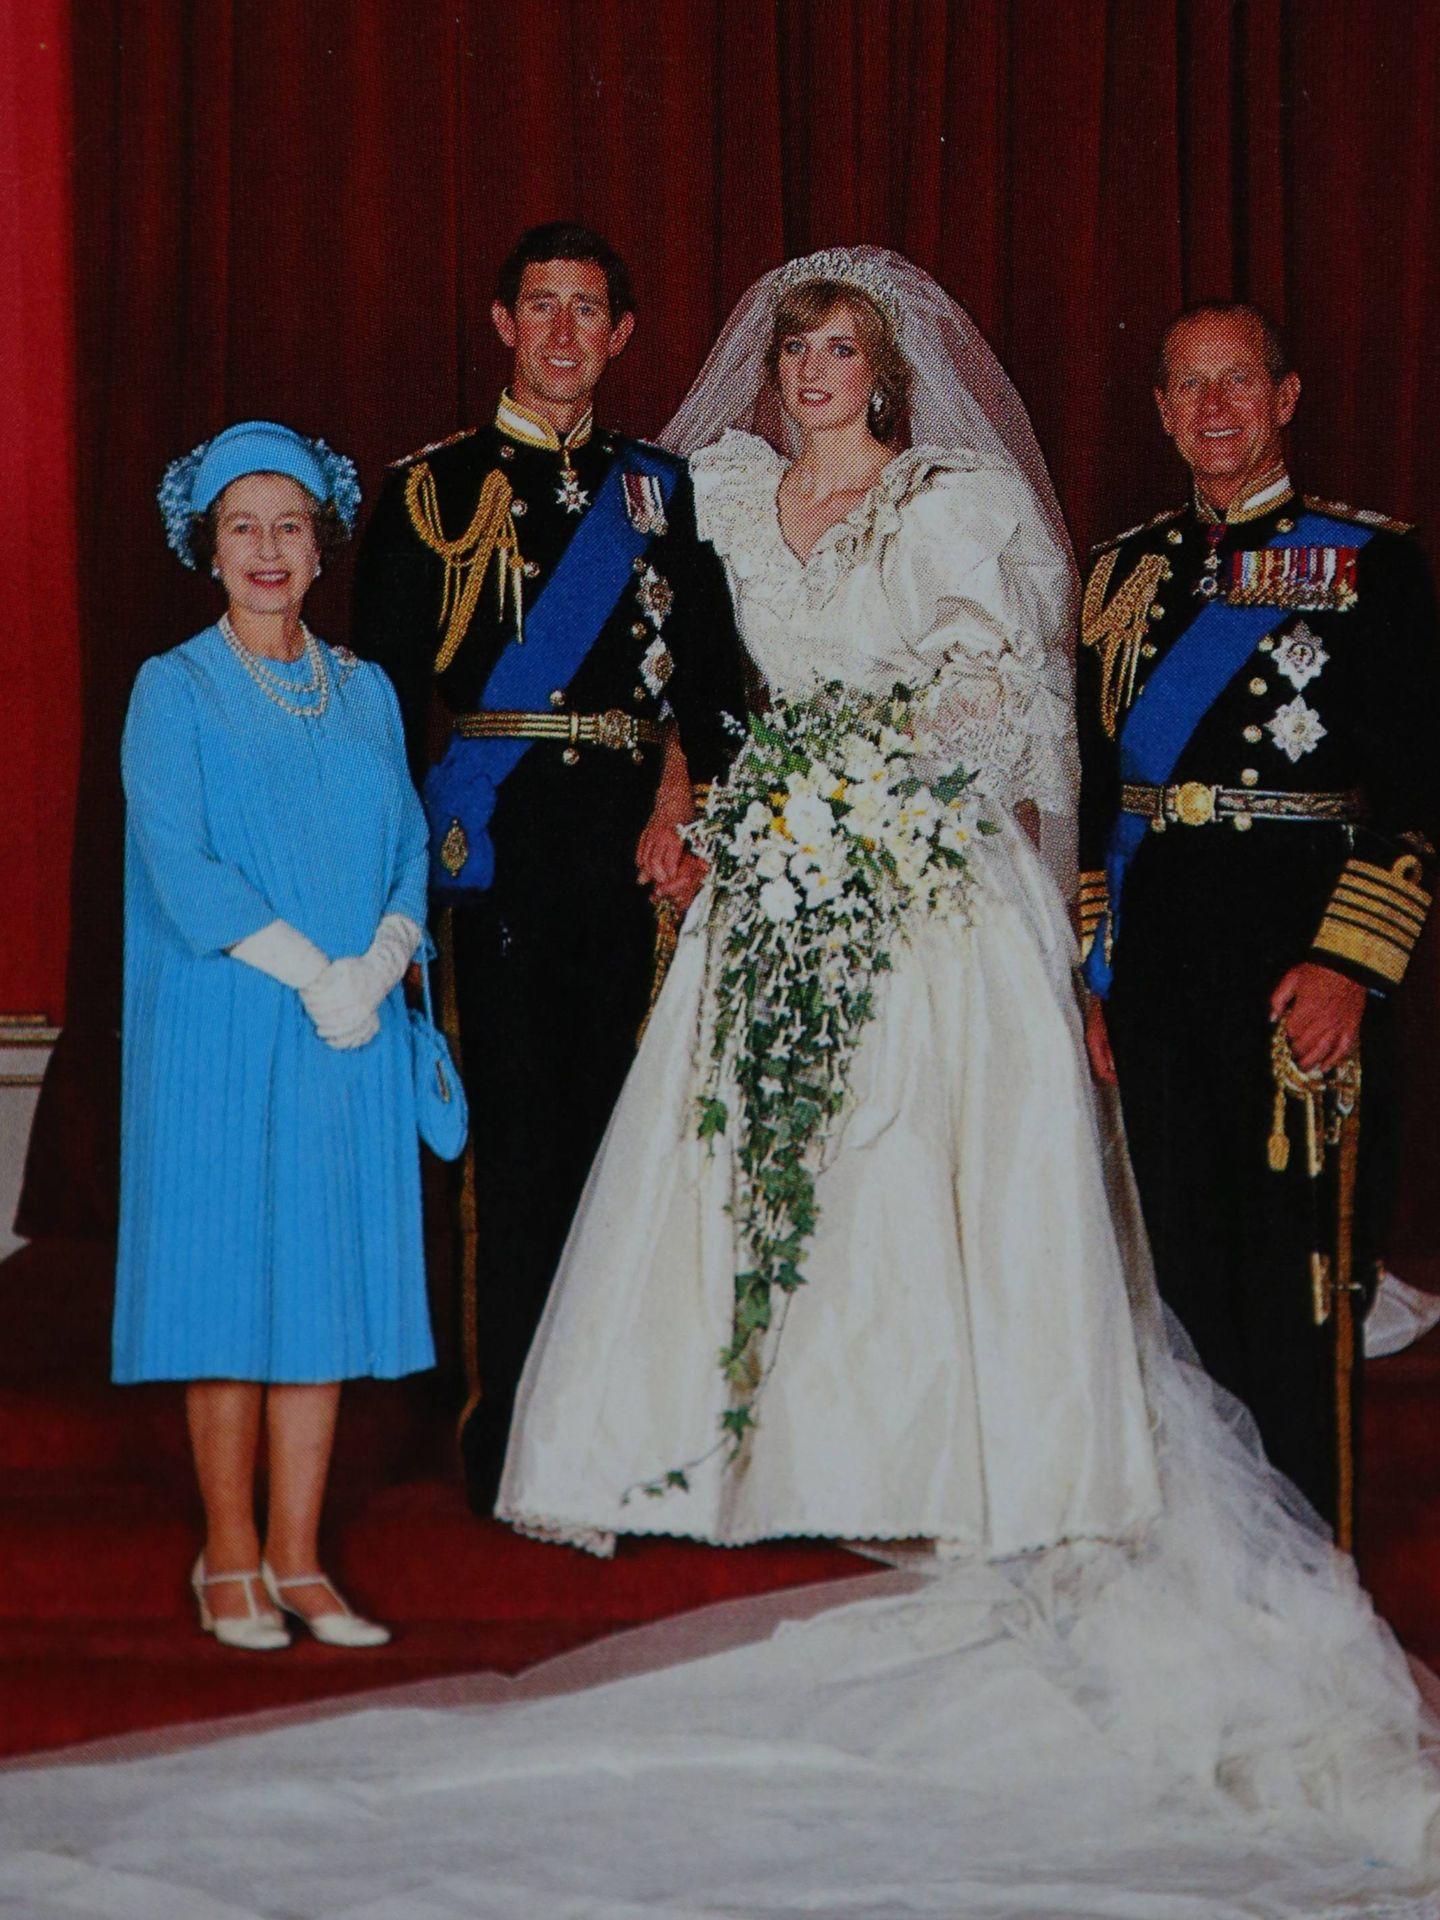 El vestido que llevó la reina Isabel en la boda de Carlos y Diana fue diseñado por Ian Thomas. (Cordon Press)